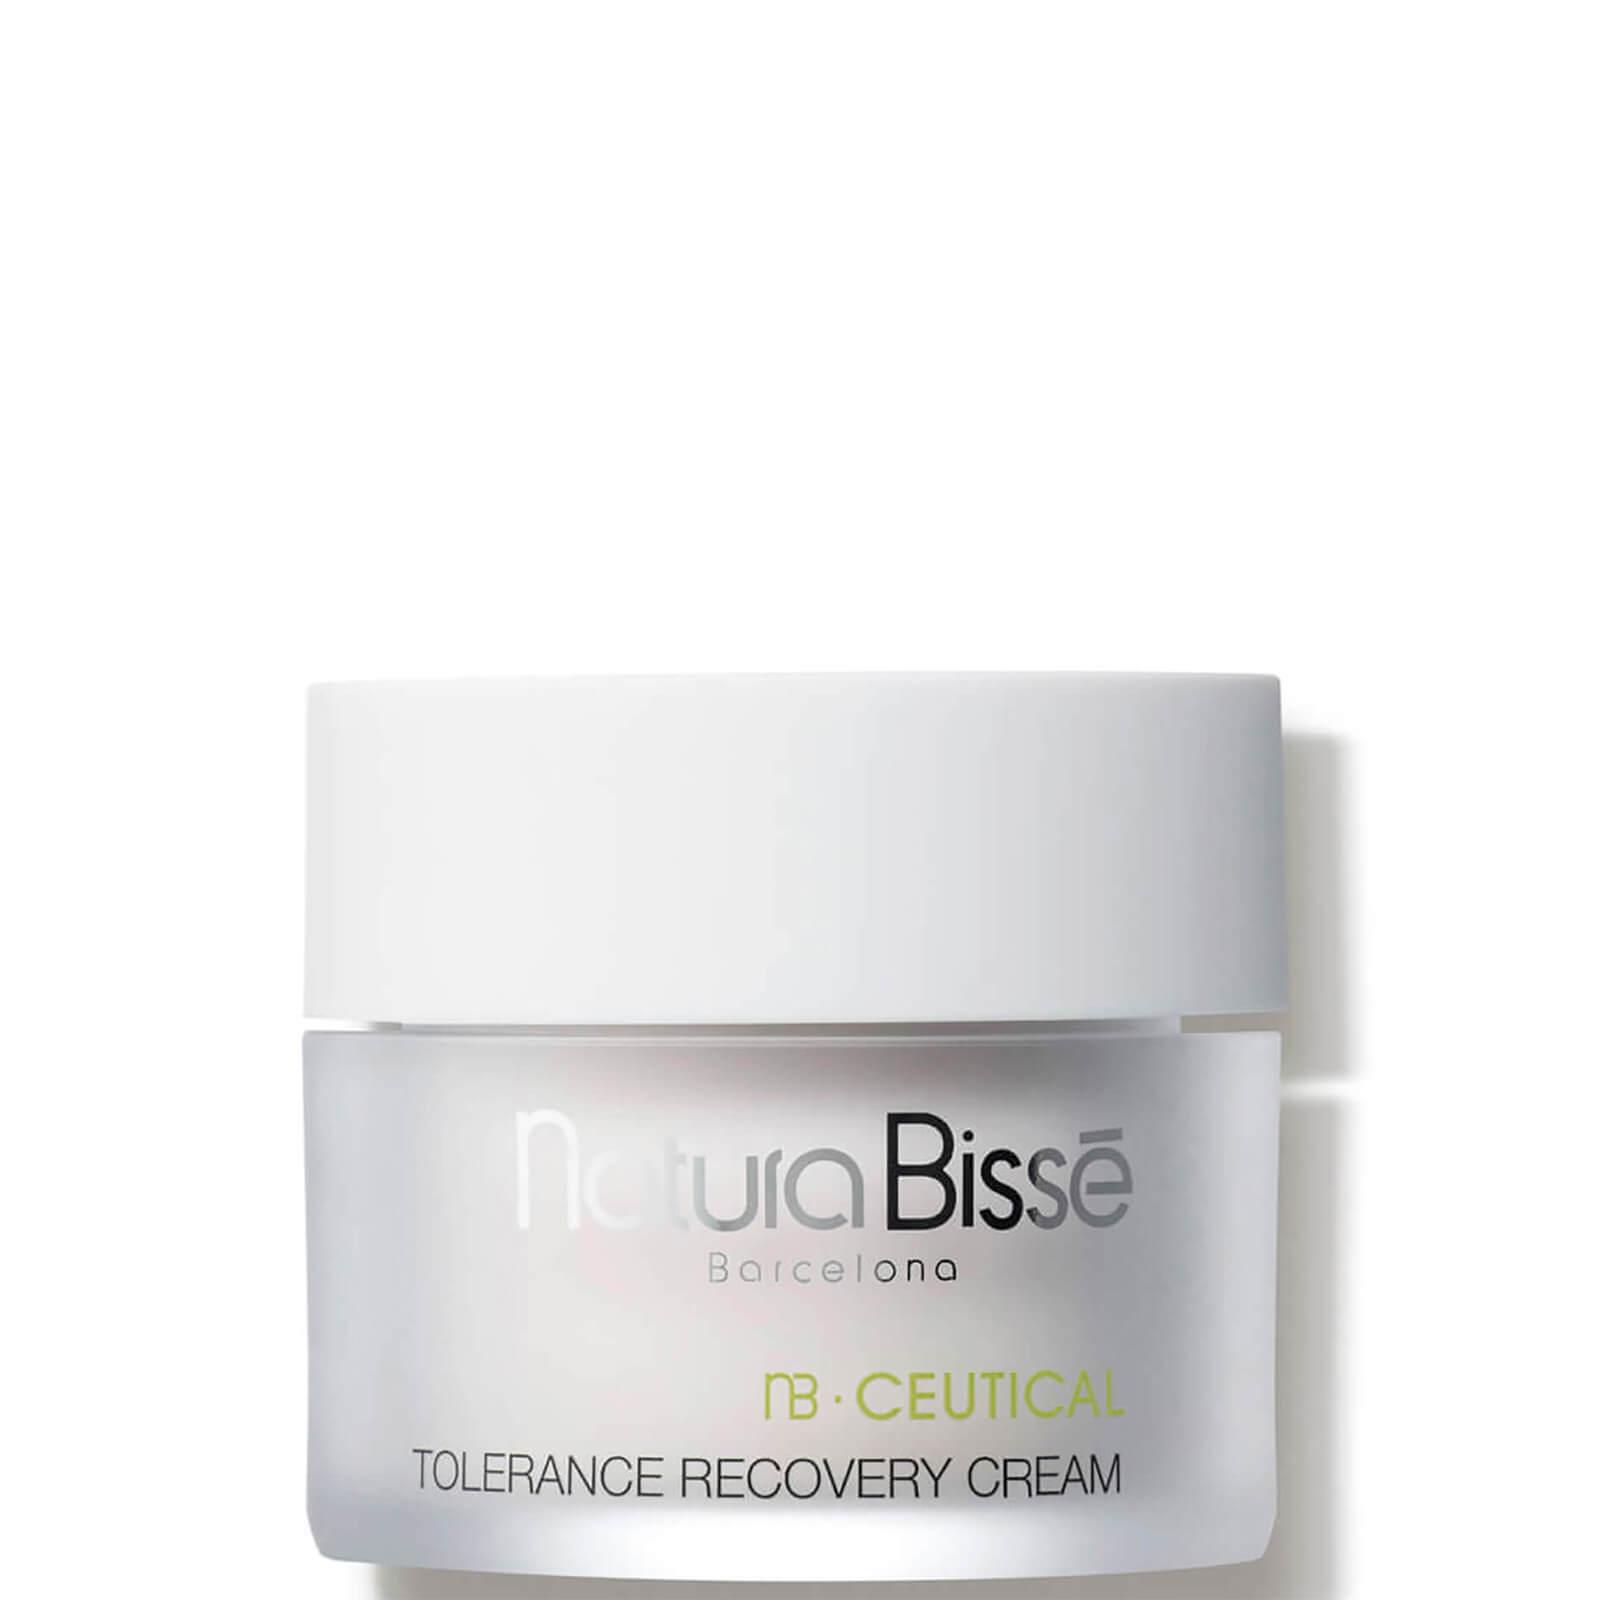 Купить Питательный восстанавливающий крем Natura Bissé Tolerance Recovery Cream 50мл